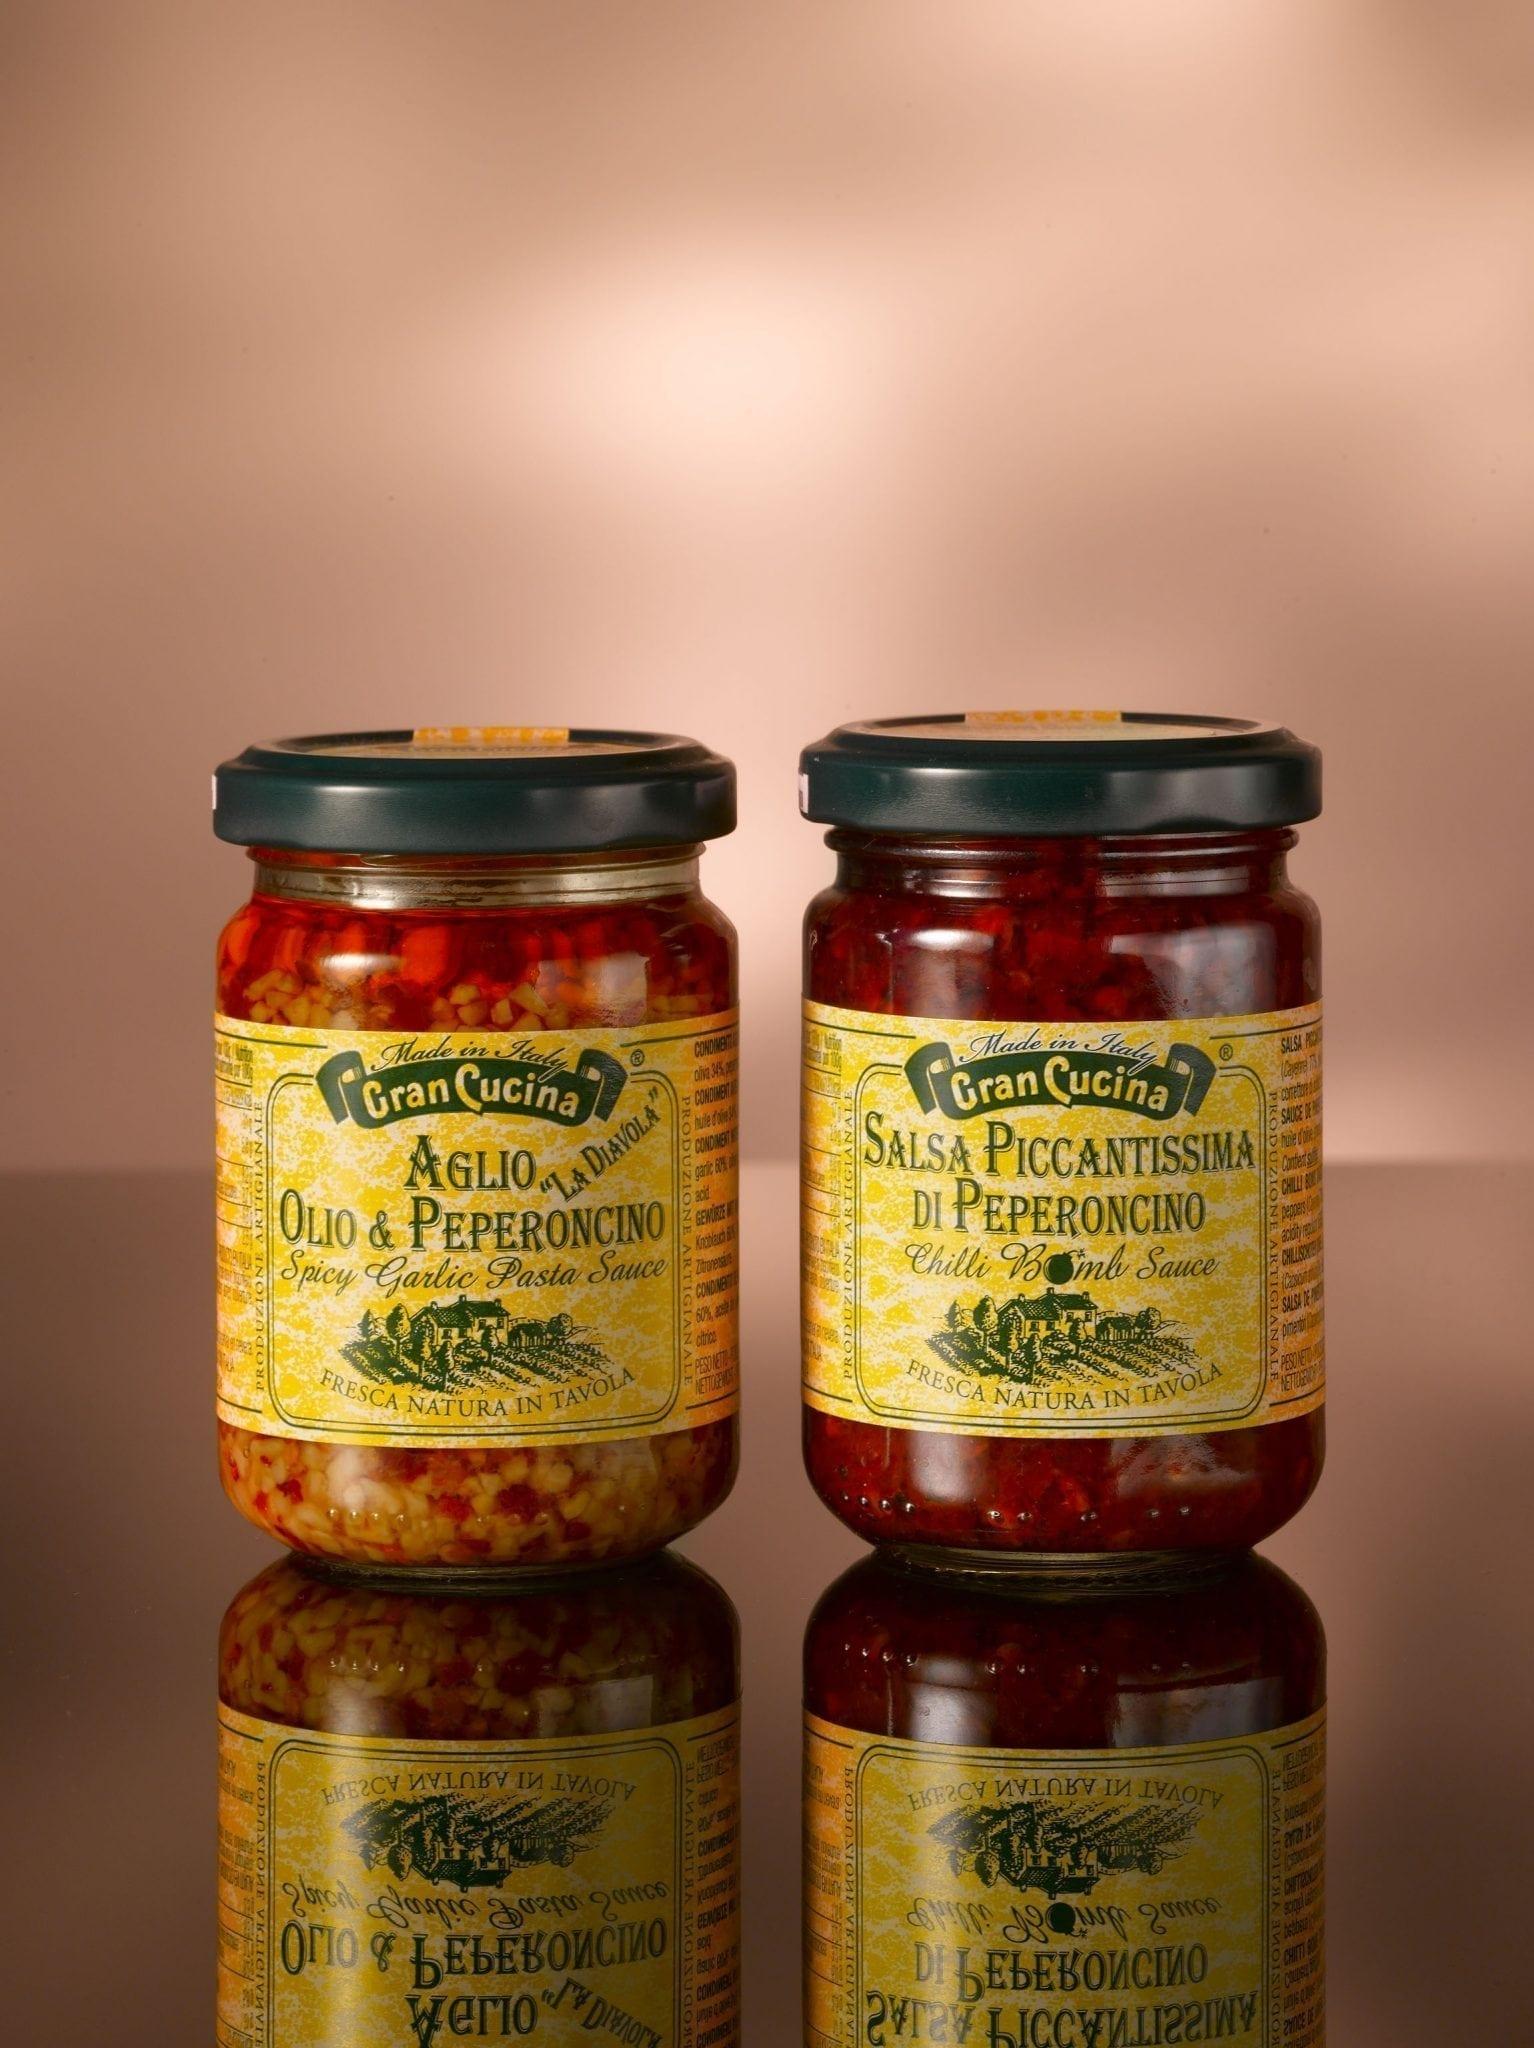 Cran Cucina, creme of Aiglio, olio, chillipeper 130 gr